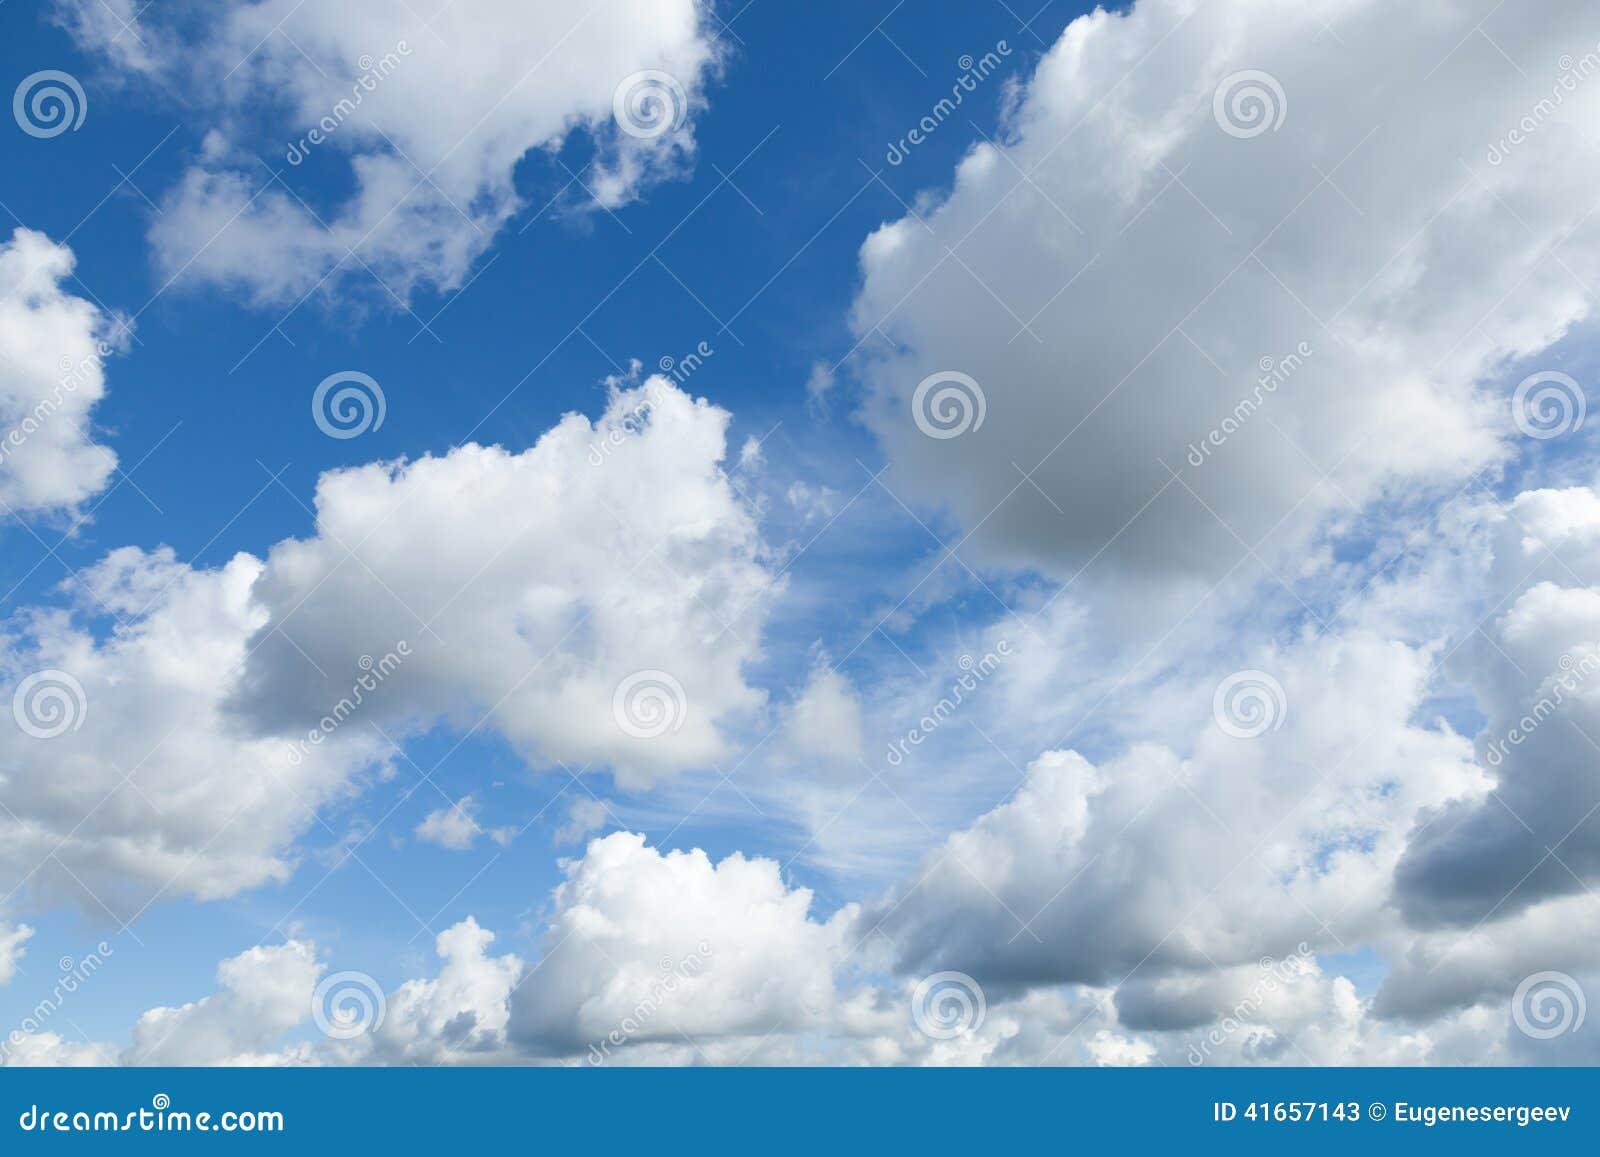 Яркая предпосылка голубого неба с облаками